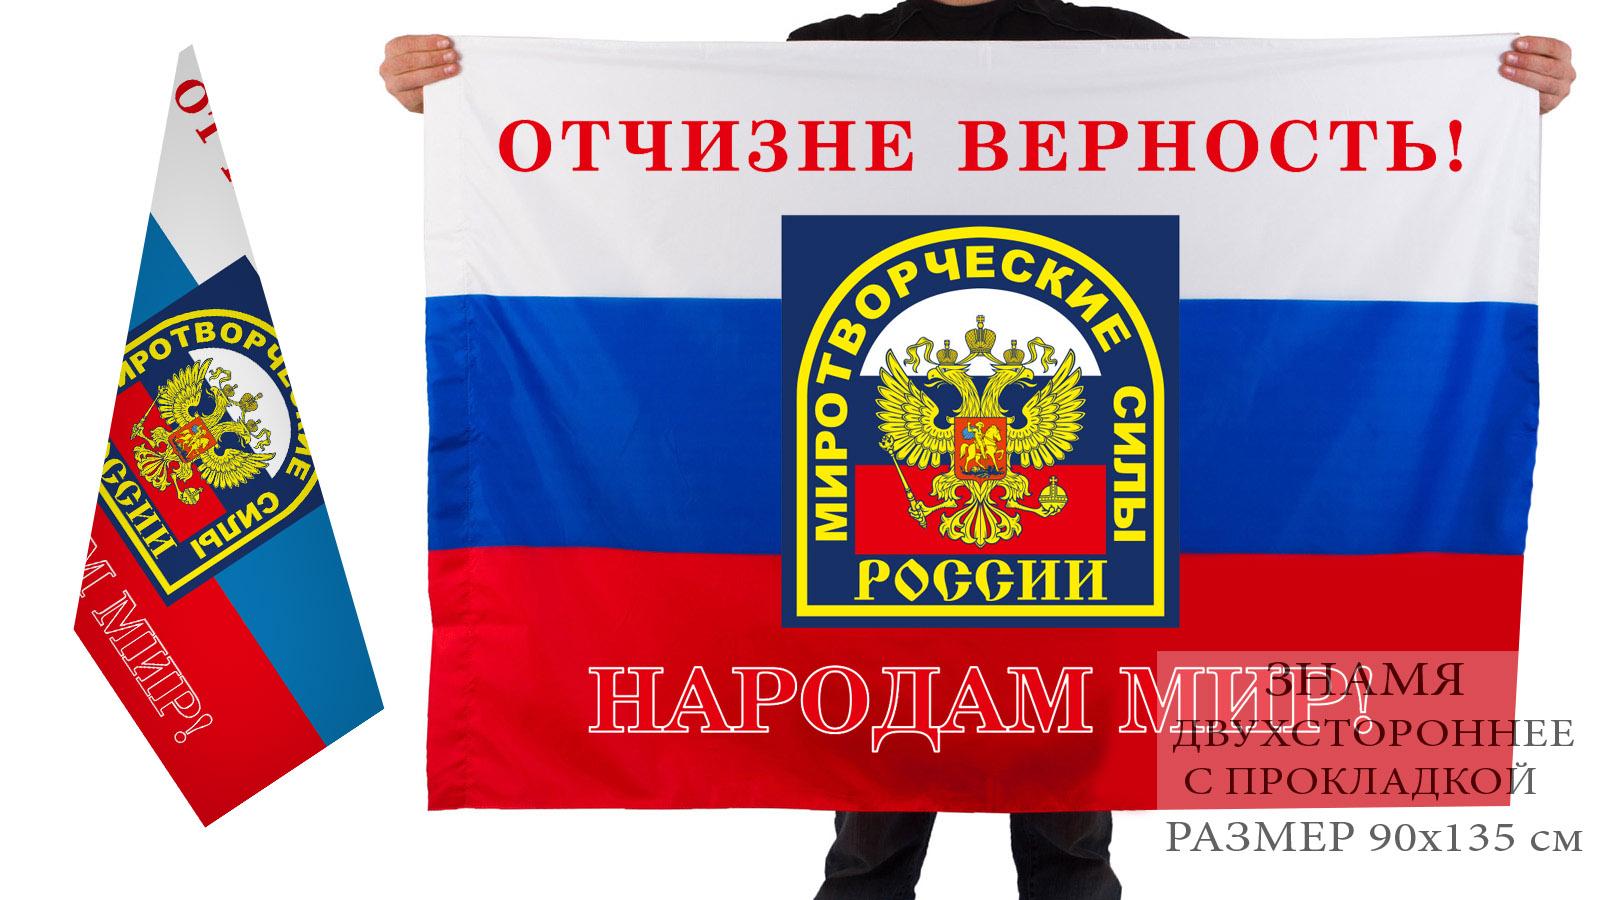 Двустороний флаг миротворческих сил России